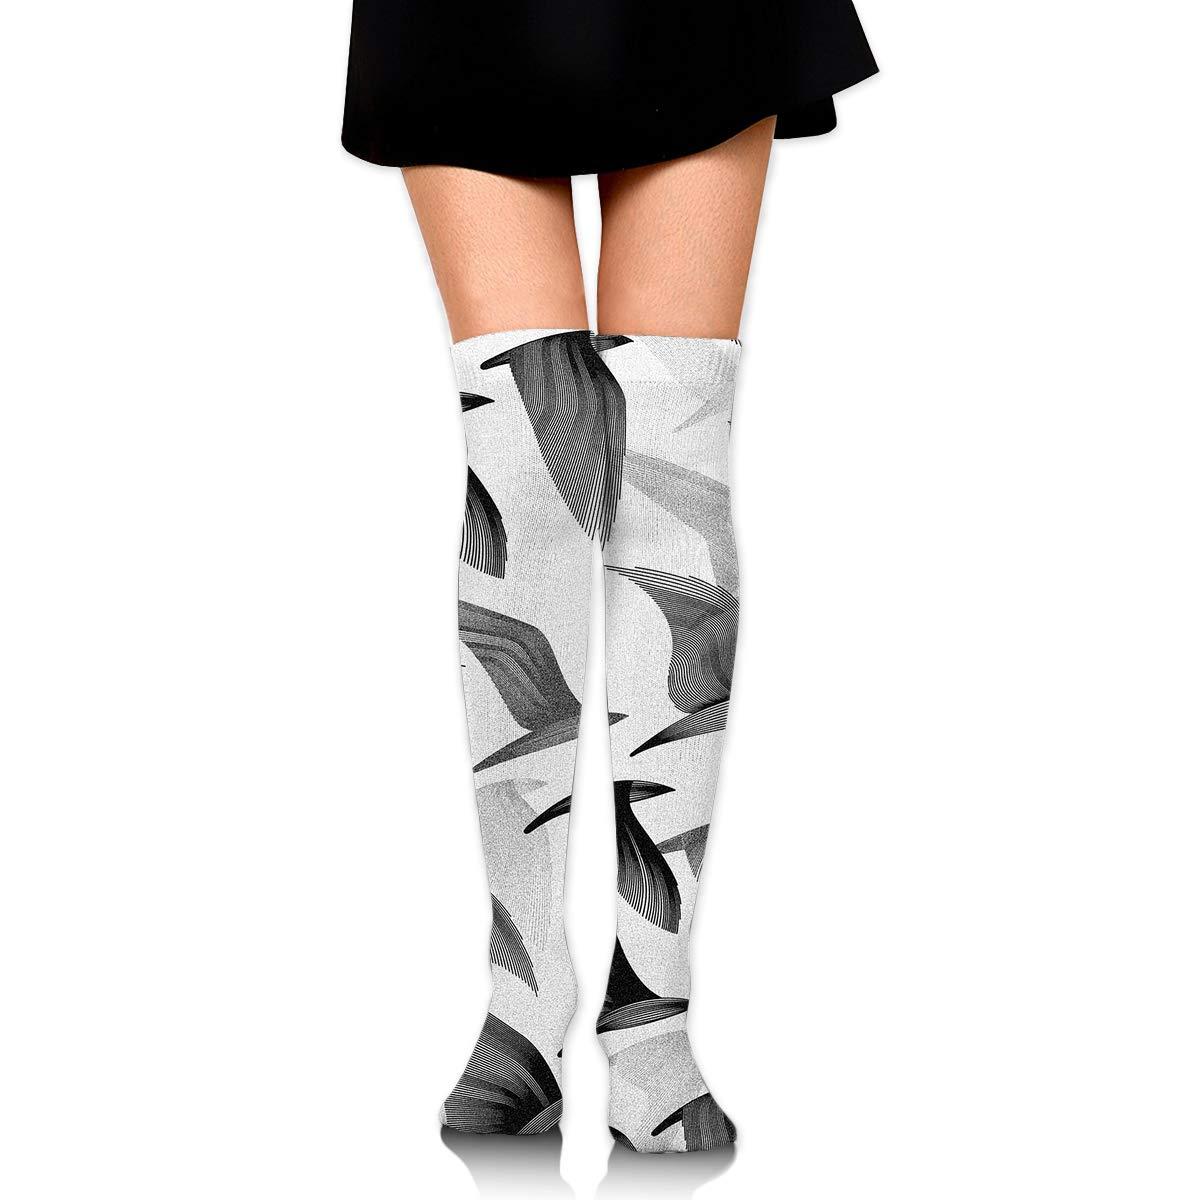 High Elasticity Girl Cotton Knee High Socks Uniform Black Dove Women Tube Socks